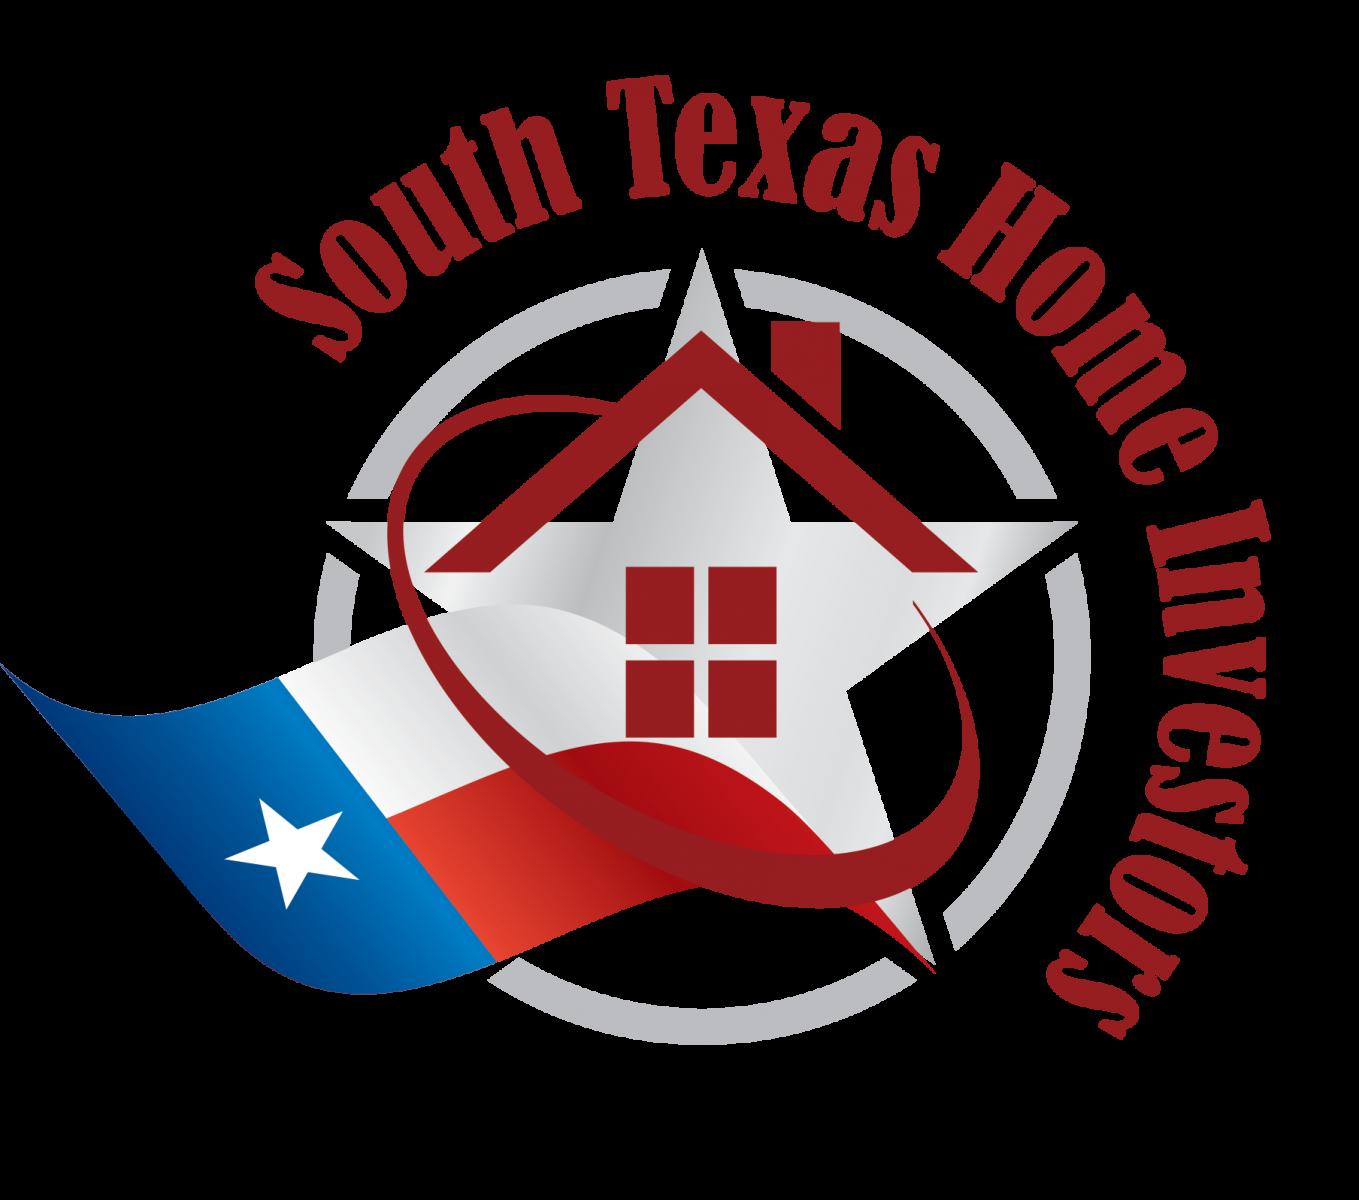 We buy houses San Antonio logo